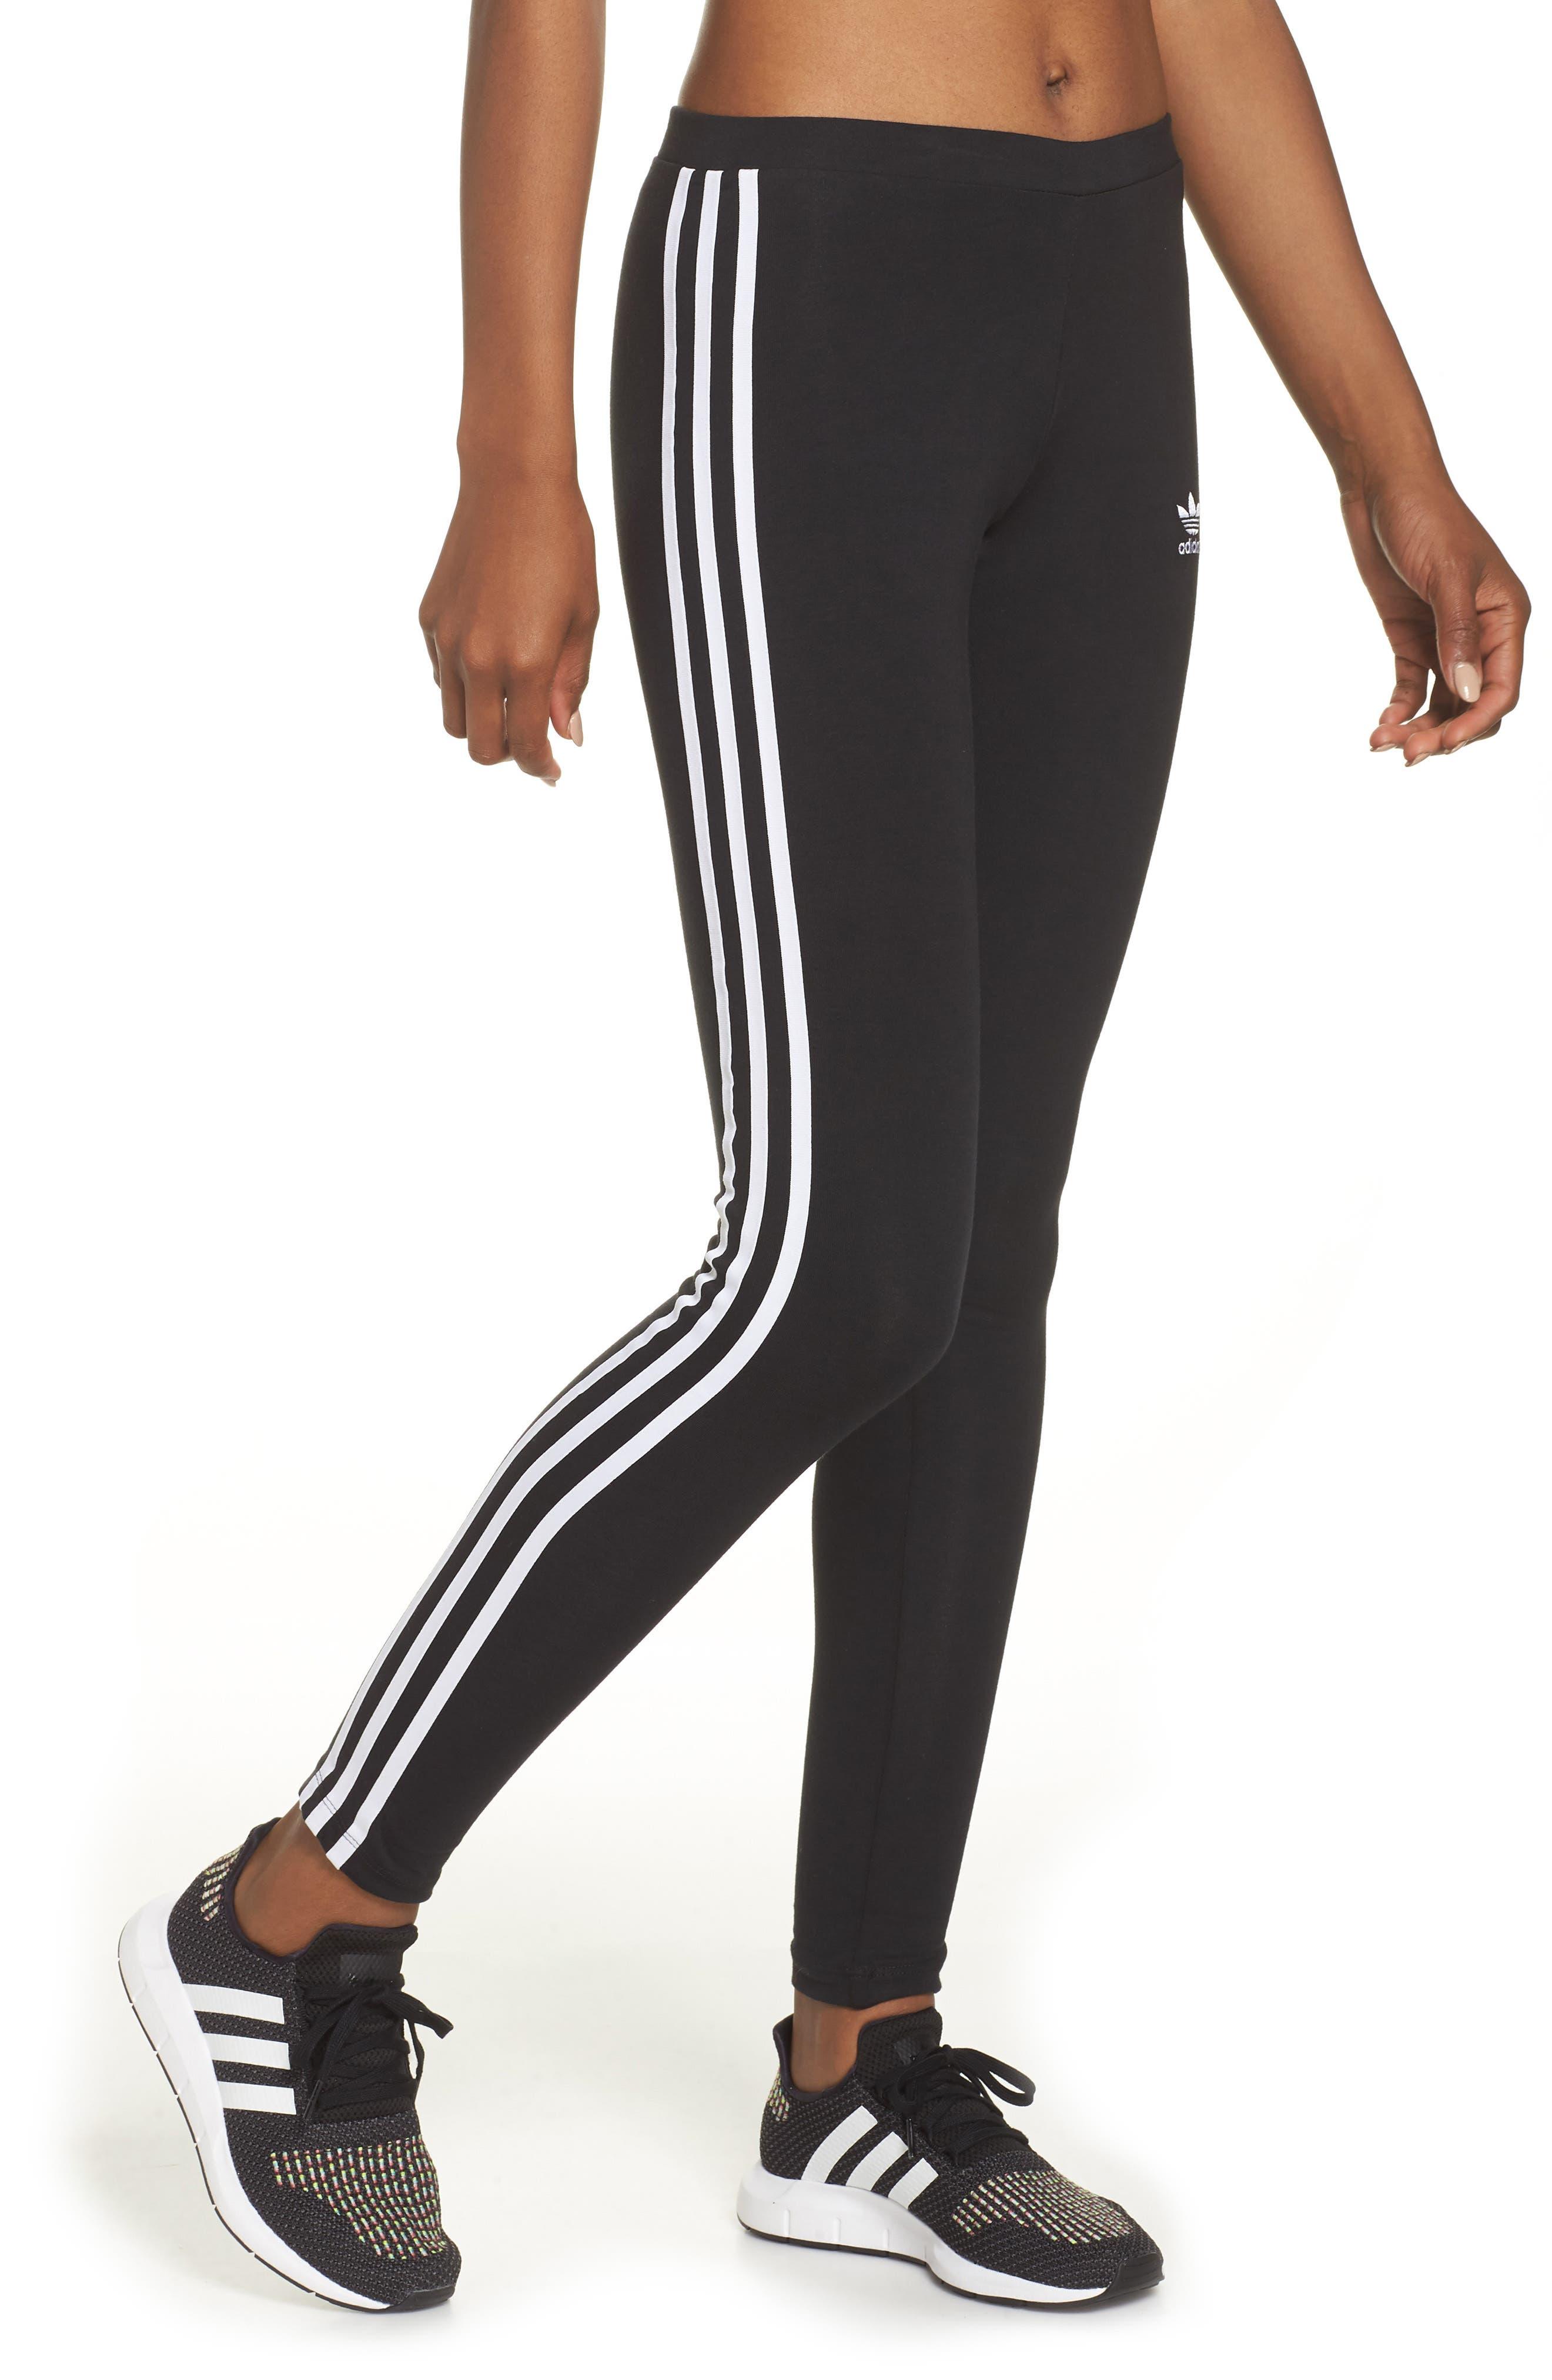 ADIDAS ORIGINALS, adidas 3-Stripes Tights, Main thumbnail 1, color, 001